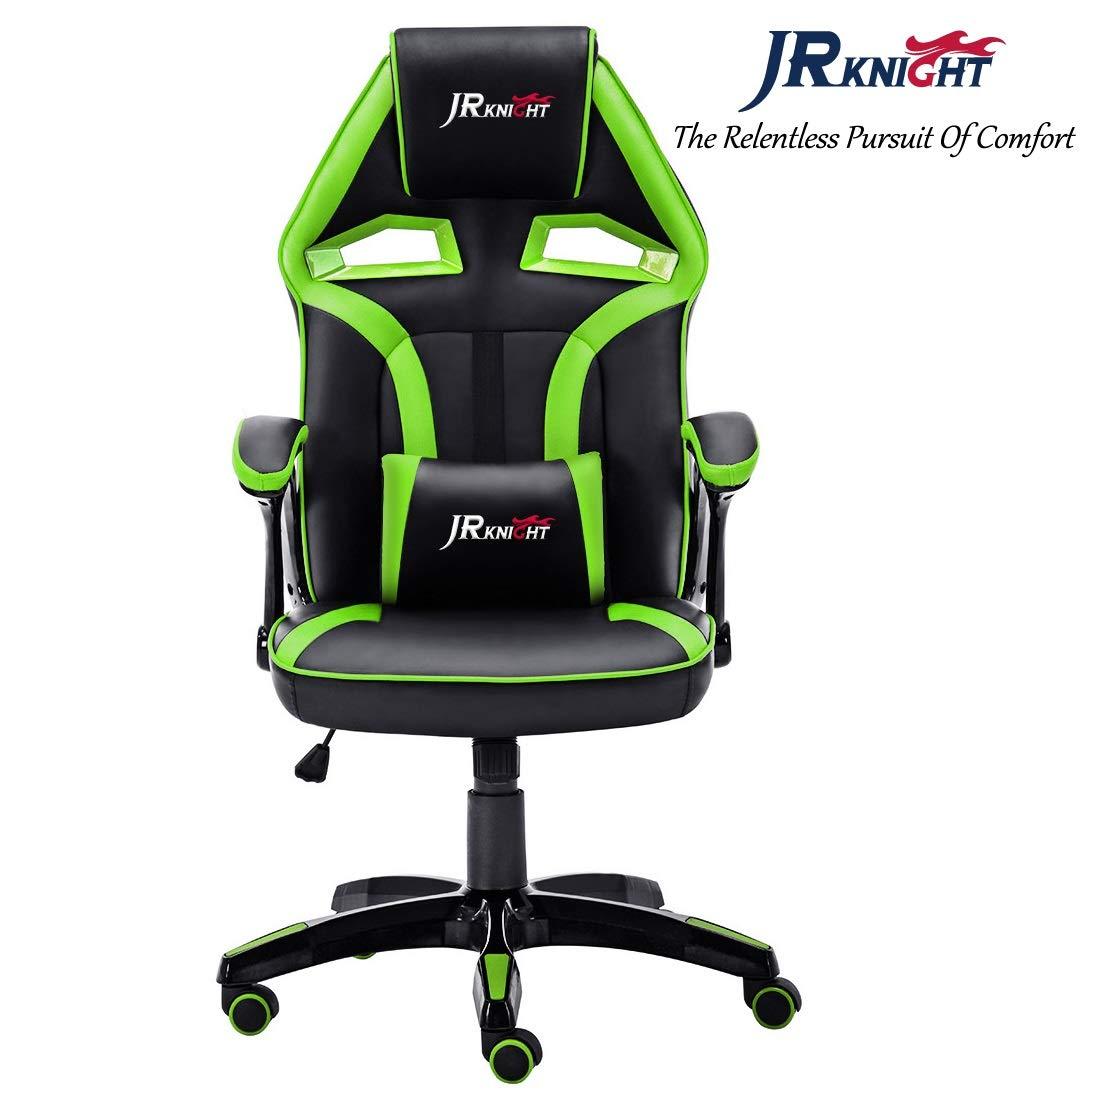 JR Knight - Silla estilo deportivo, oficina en casa, gaming, silla giratoria exclusiva de piel, color Black&Green: Amazon.es: Hogar